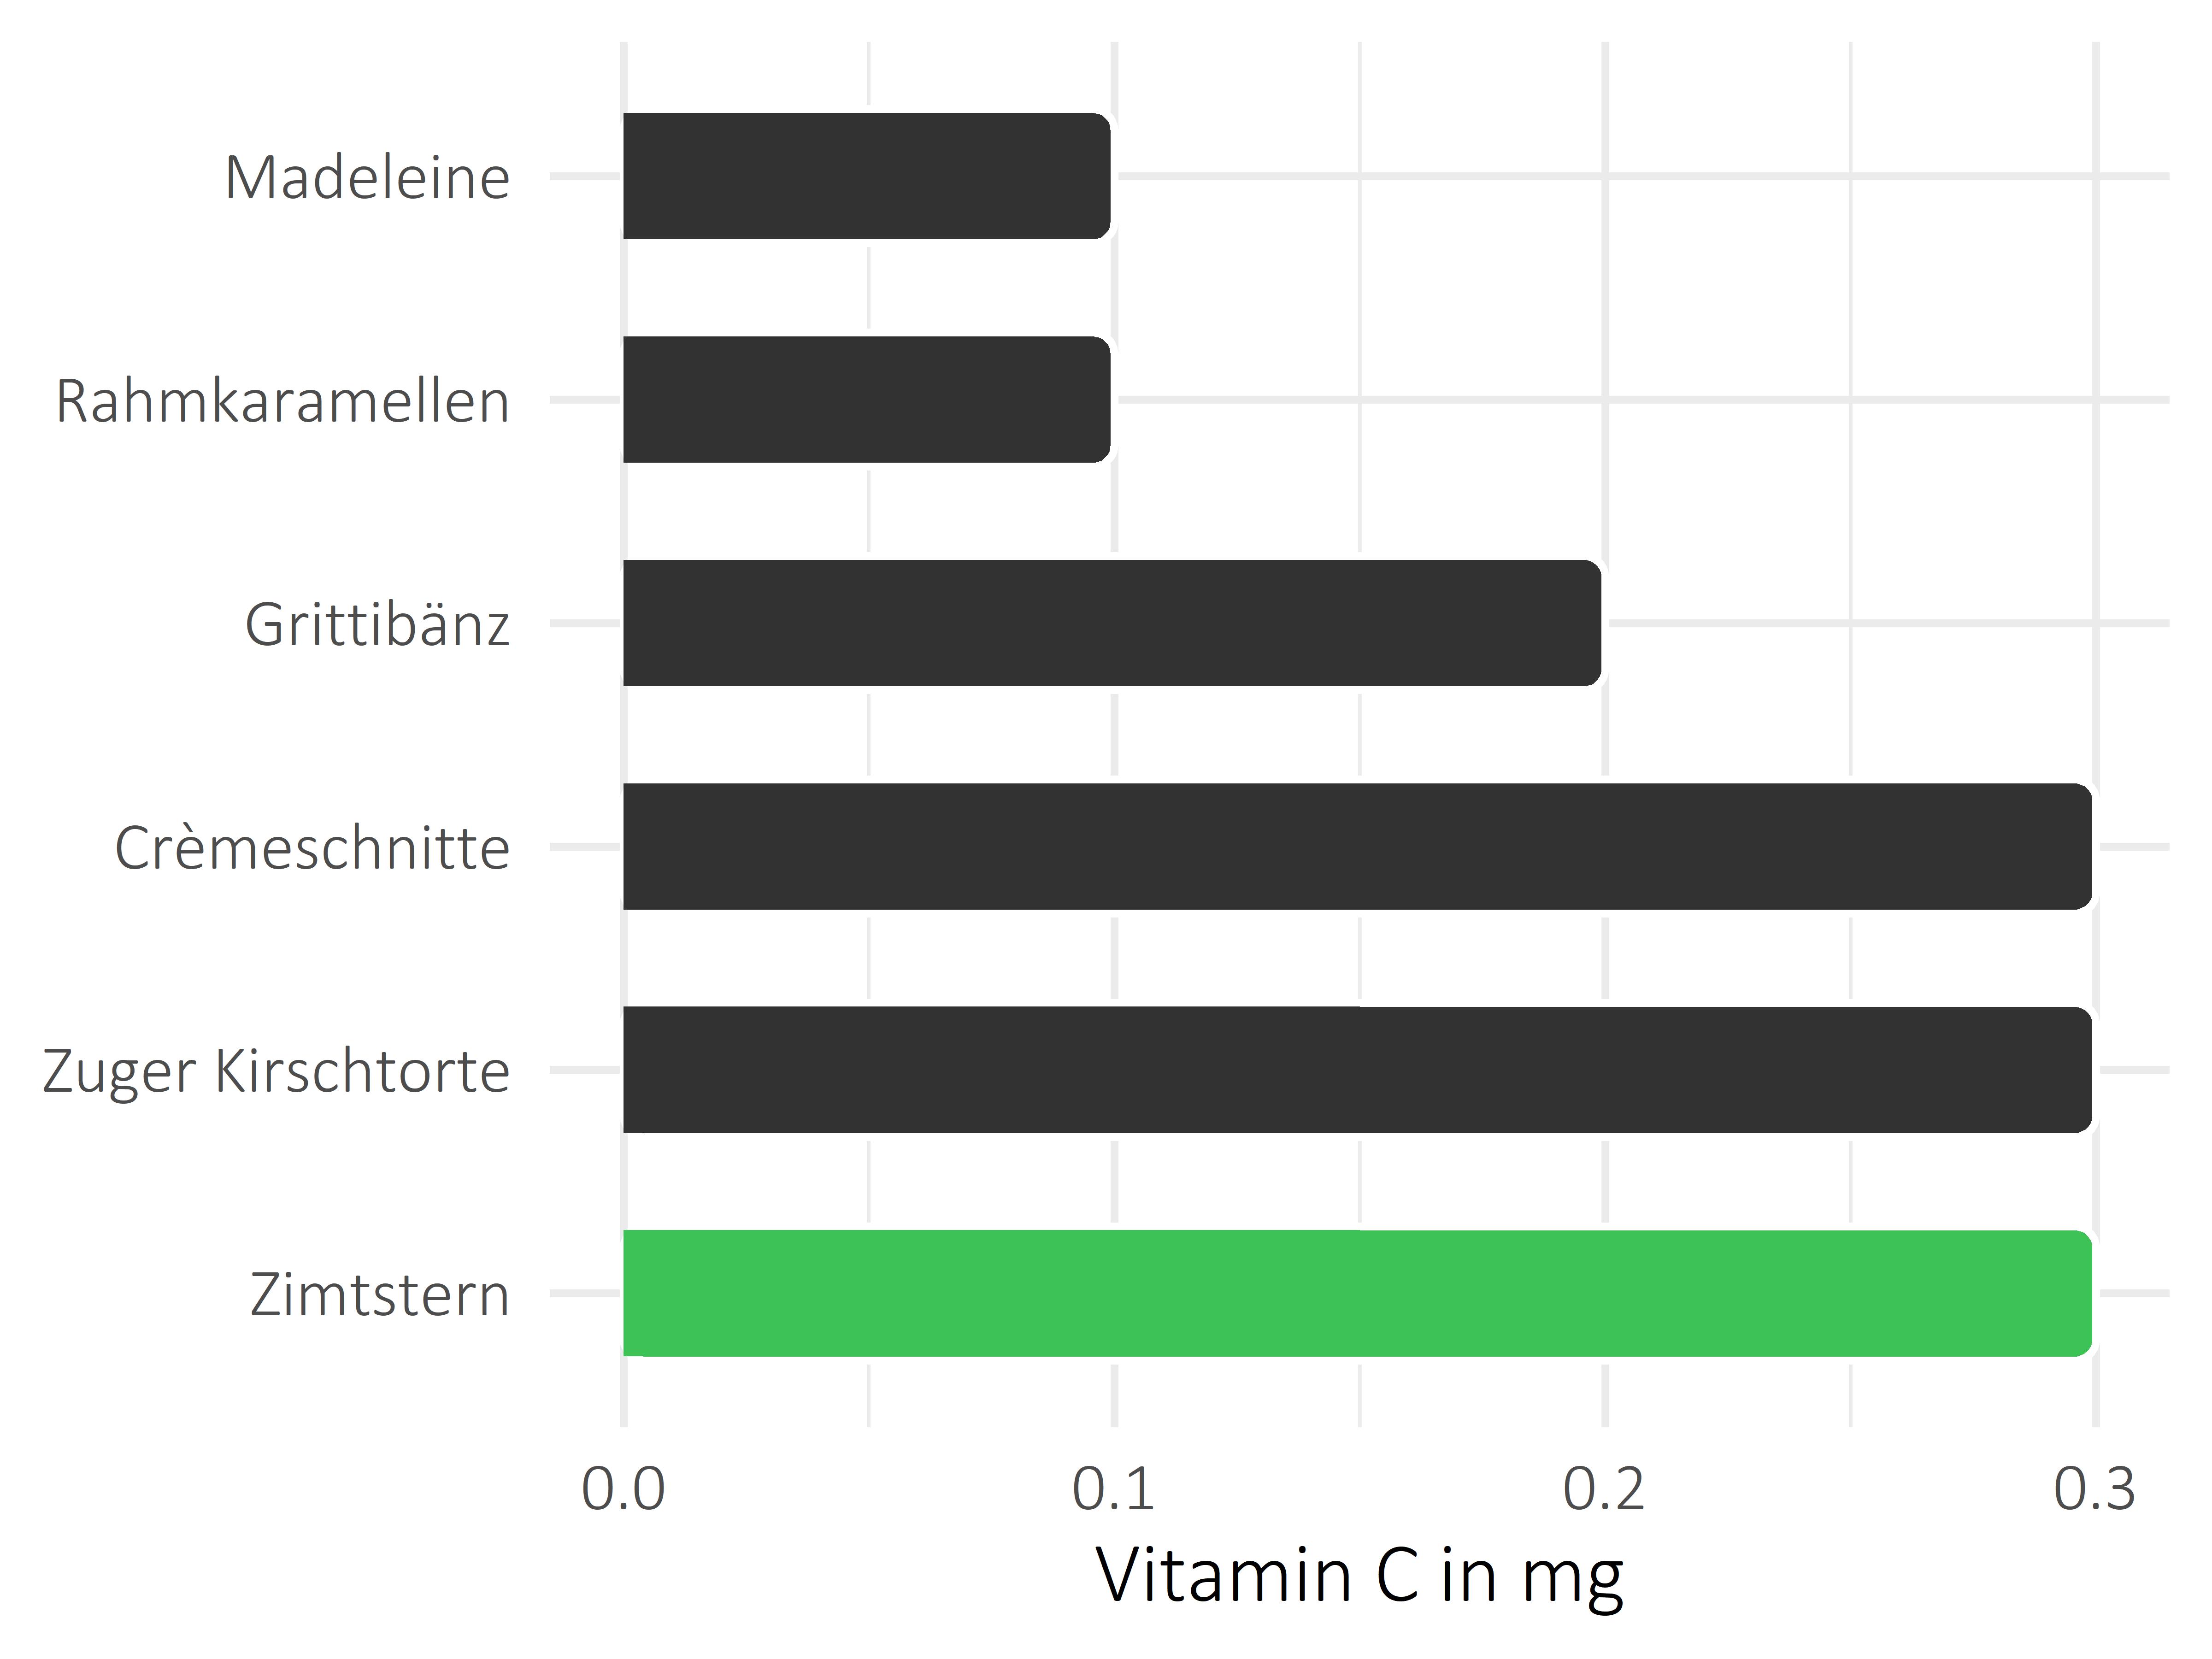 Süßigkeiten Vitamin C